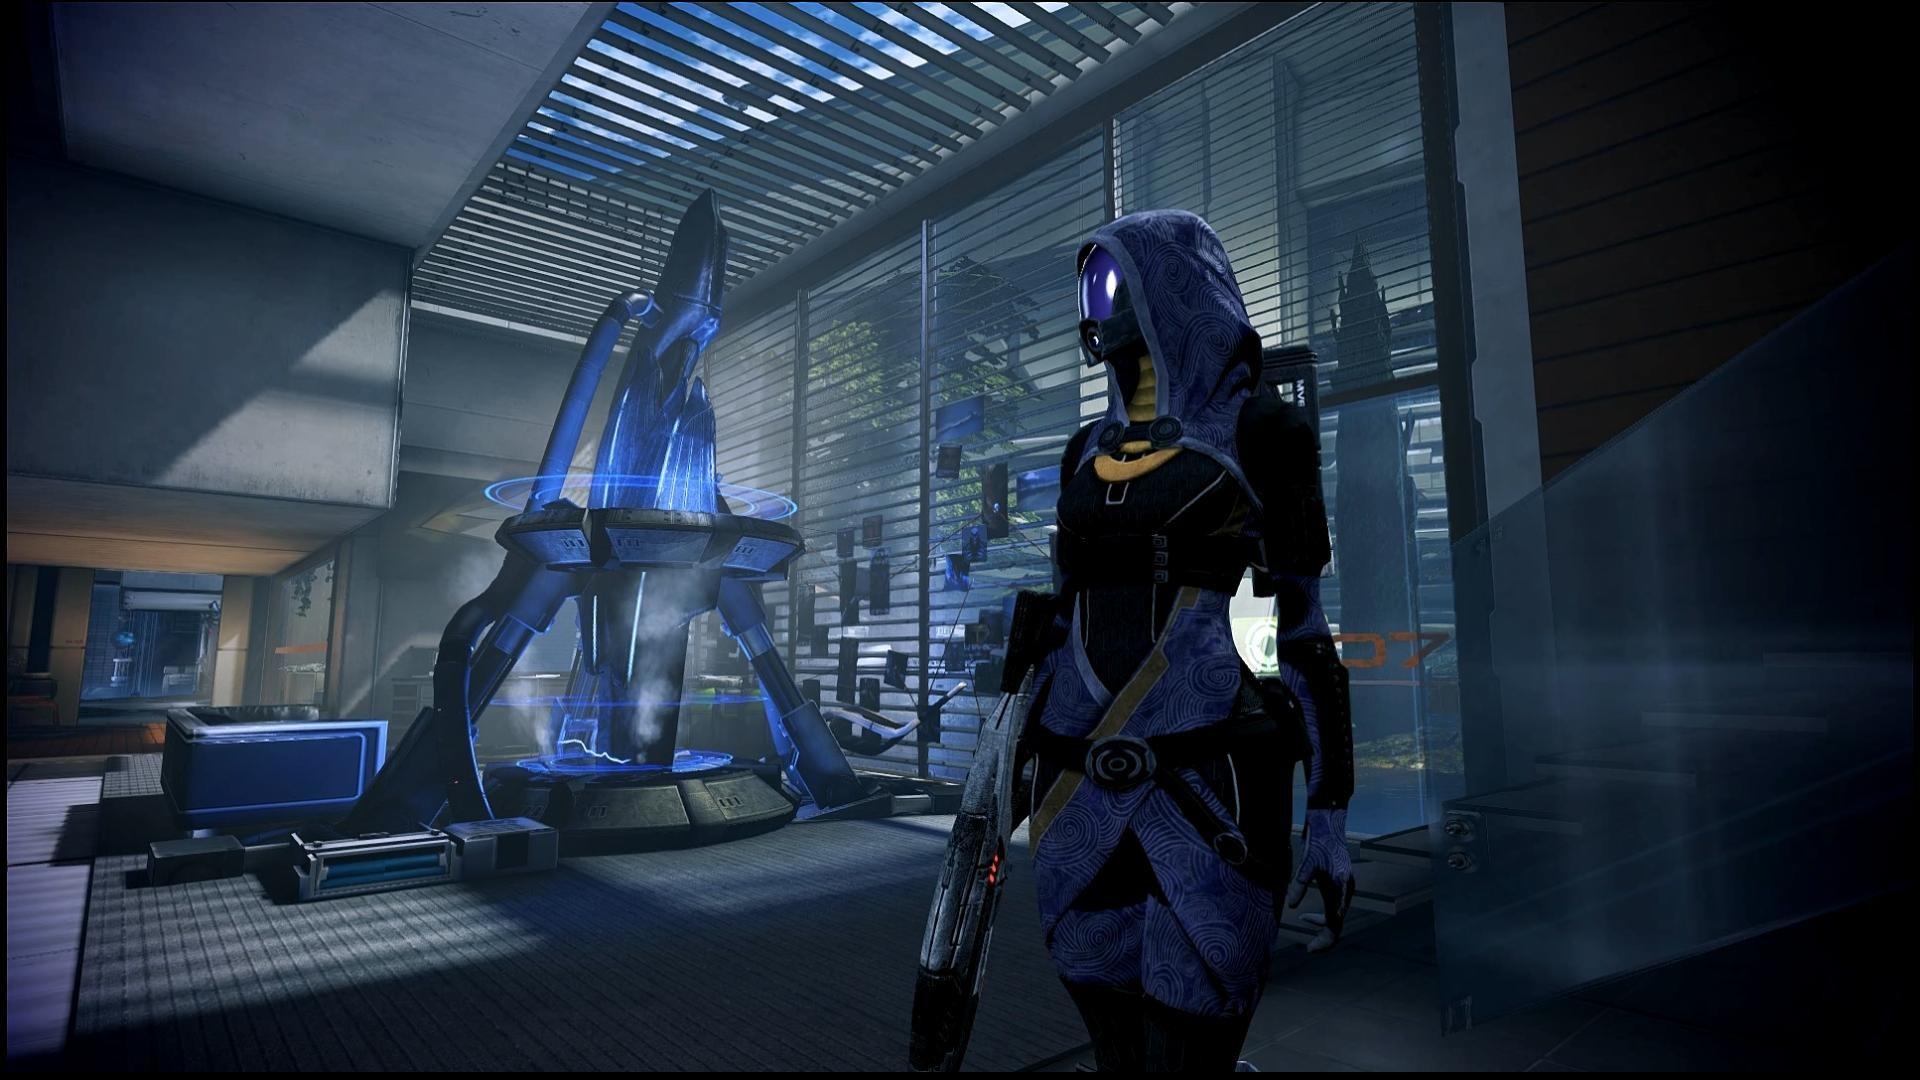 … Mass Effect 3 Tali in Bryson's Office Dreamscene by droot1986